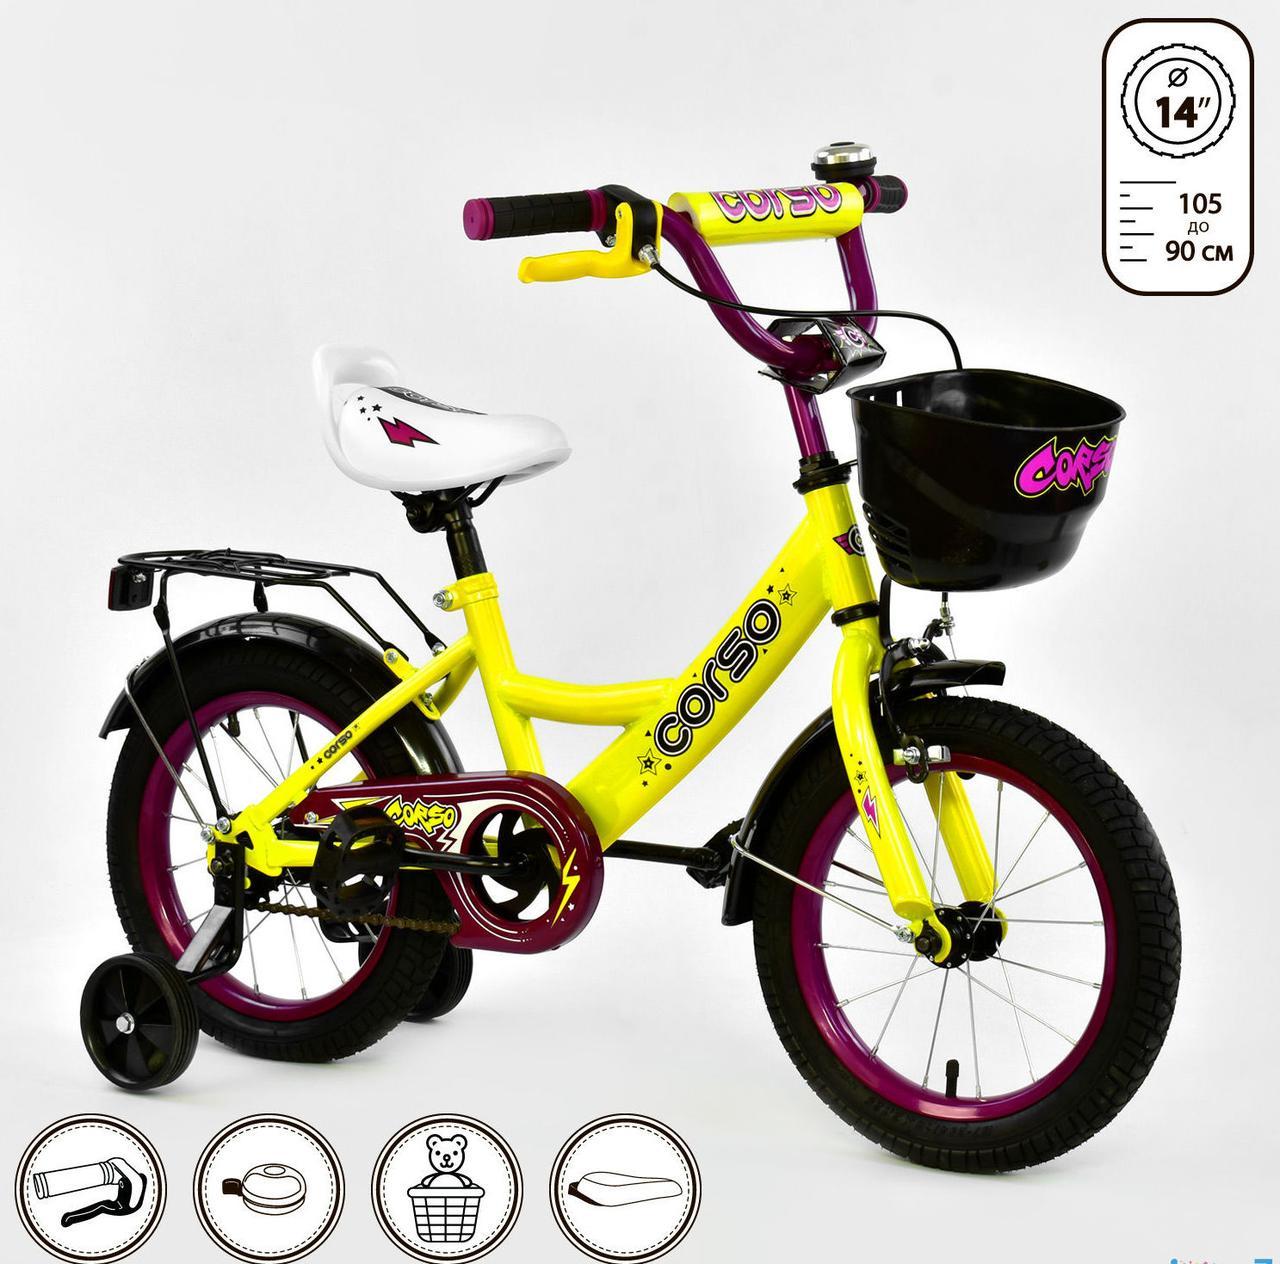 """Велосипед 14"""" дюймов 2-х колёсный G-14493 """"CORSO"""" новый ручной тормоз, корзинка, звоночек, сидение с ручкой,"""